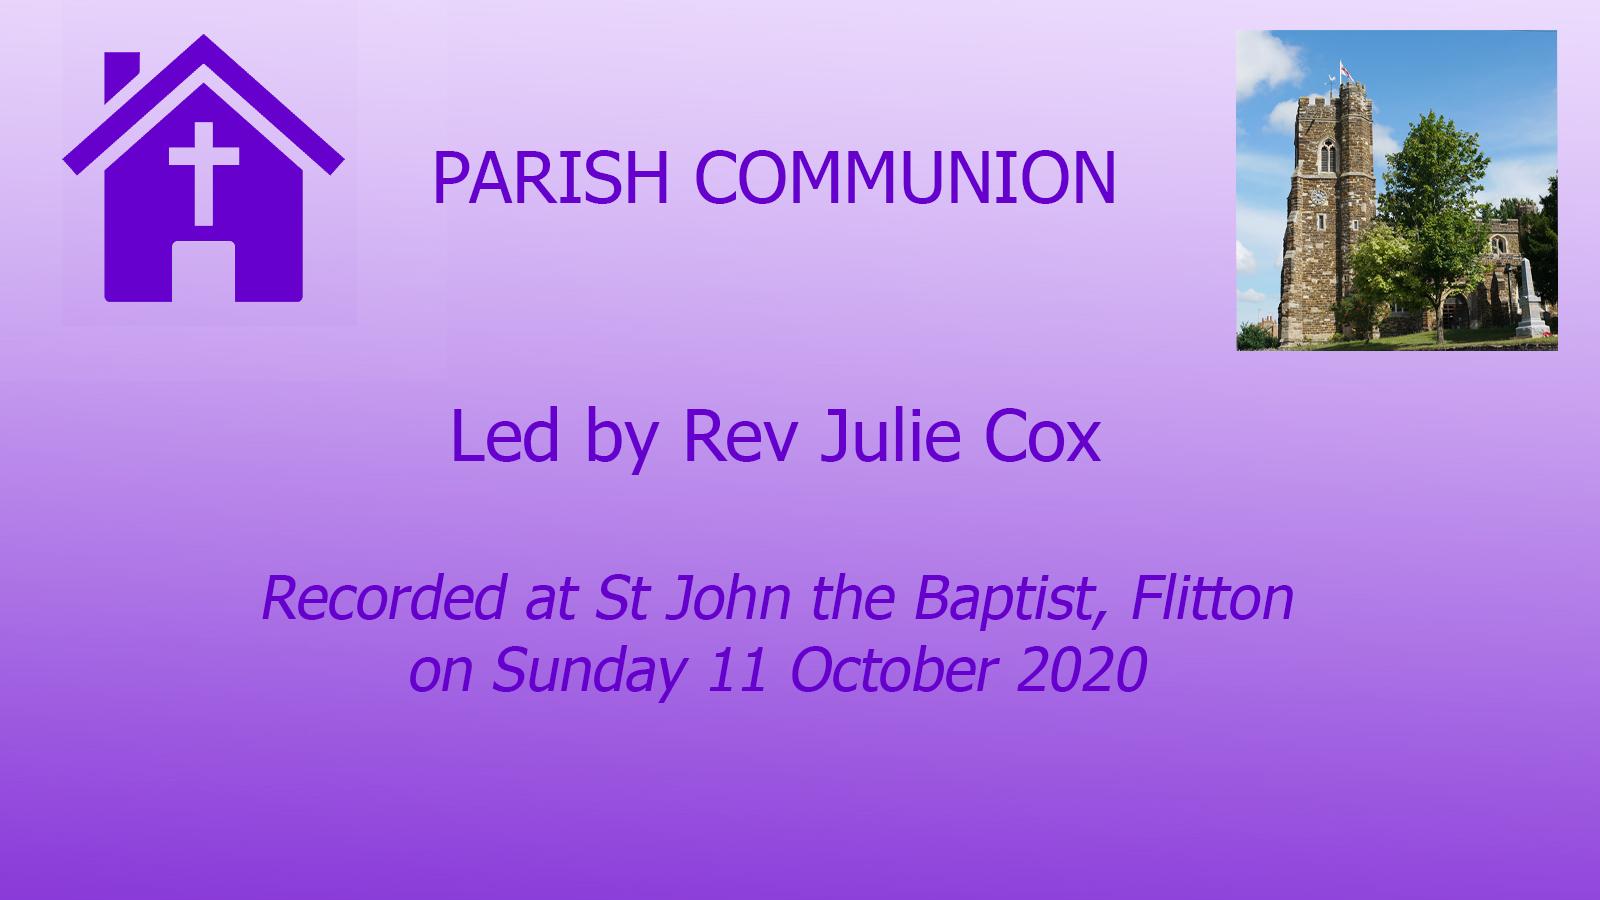 Parish Communion, Flitton